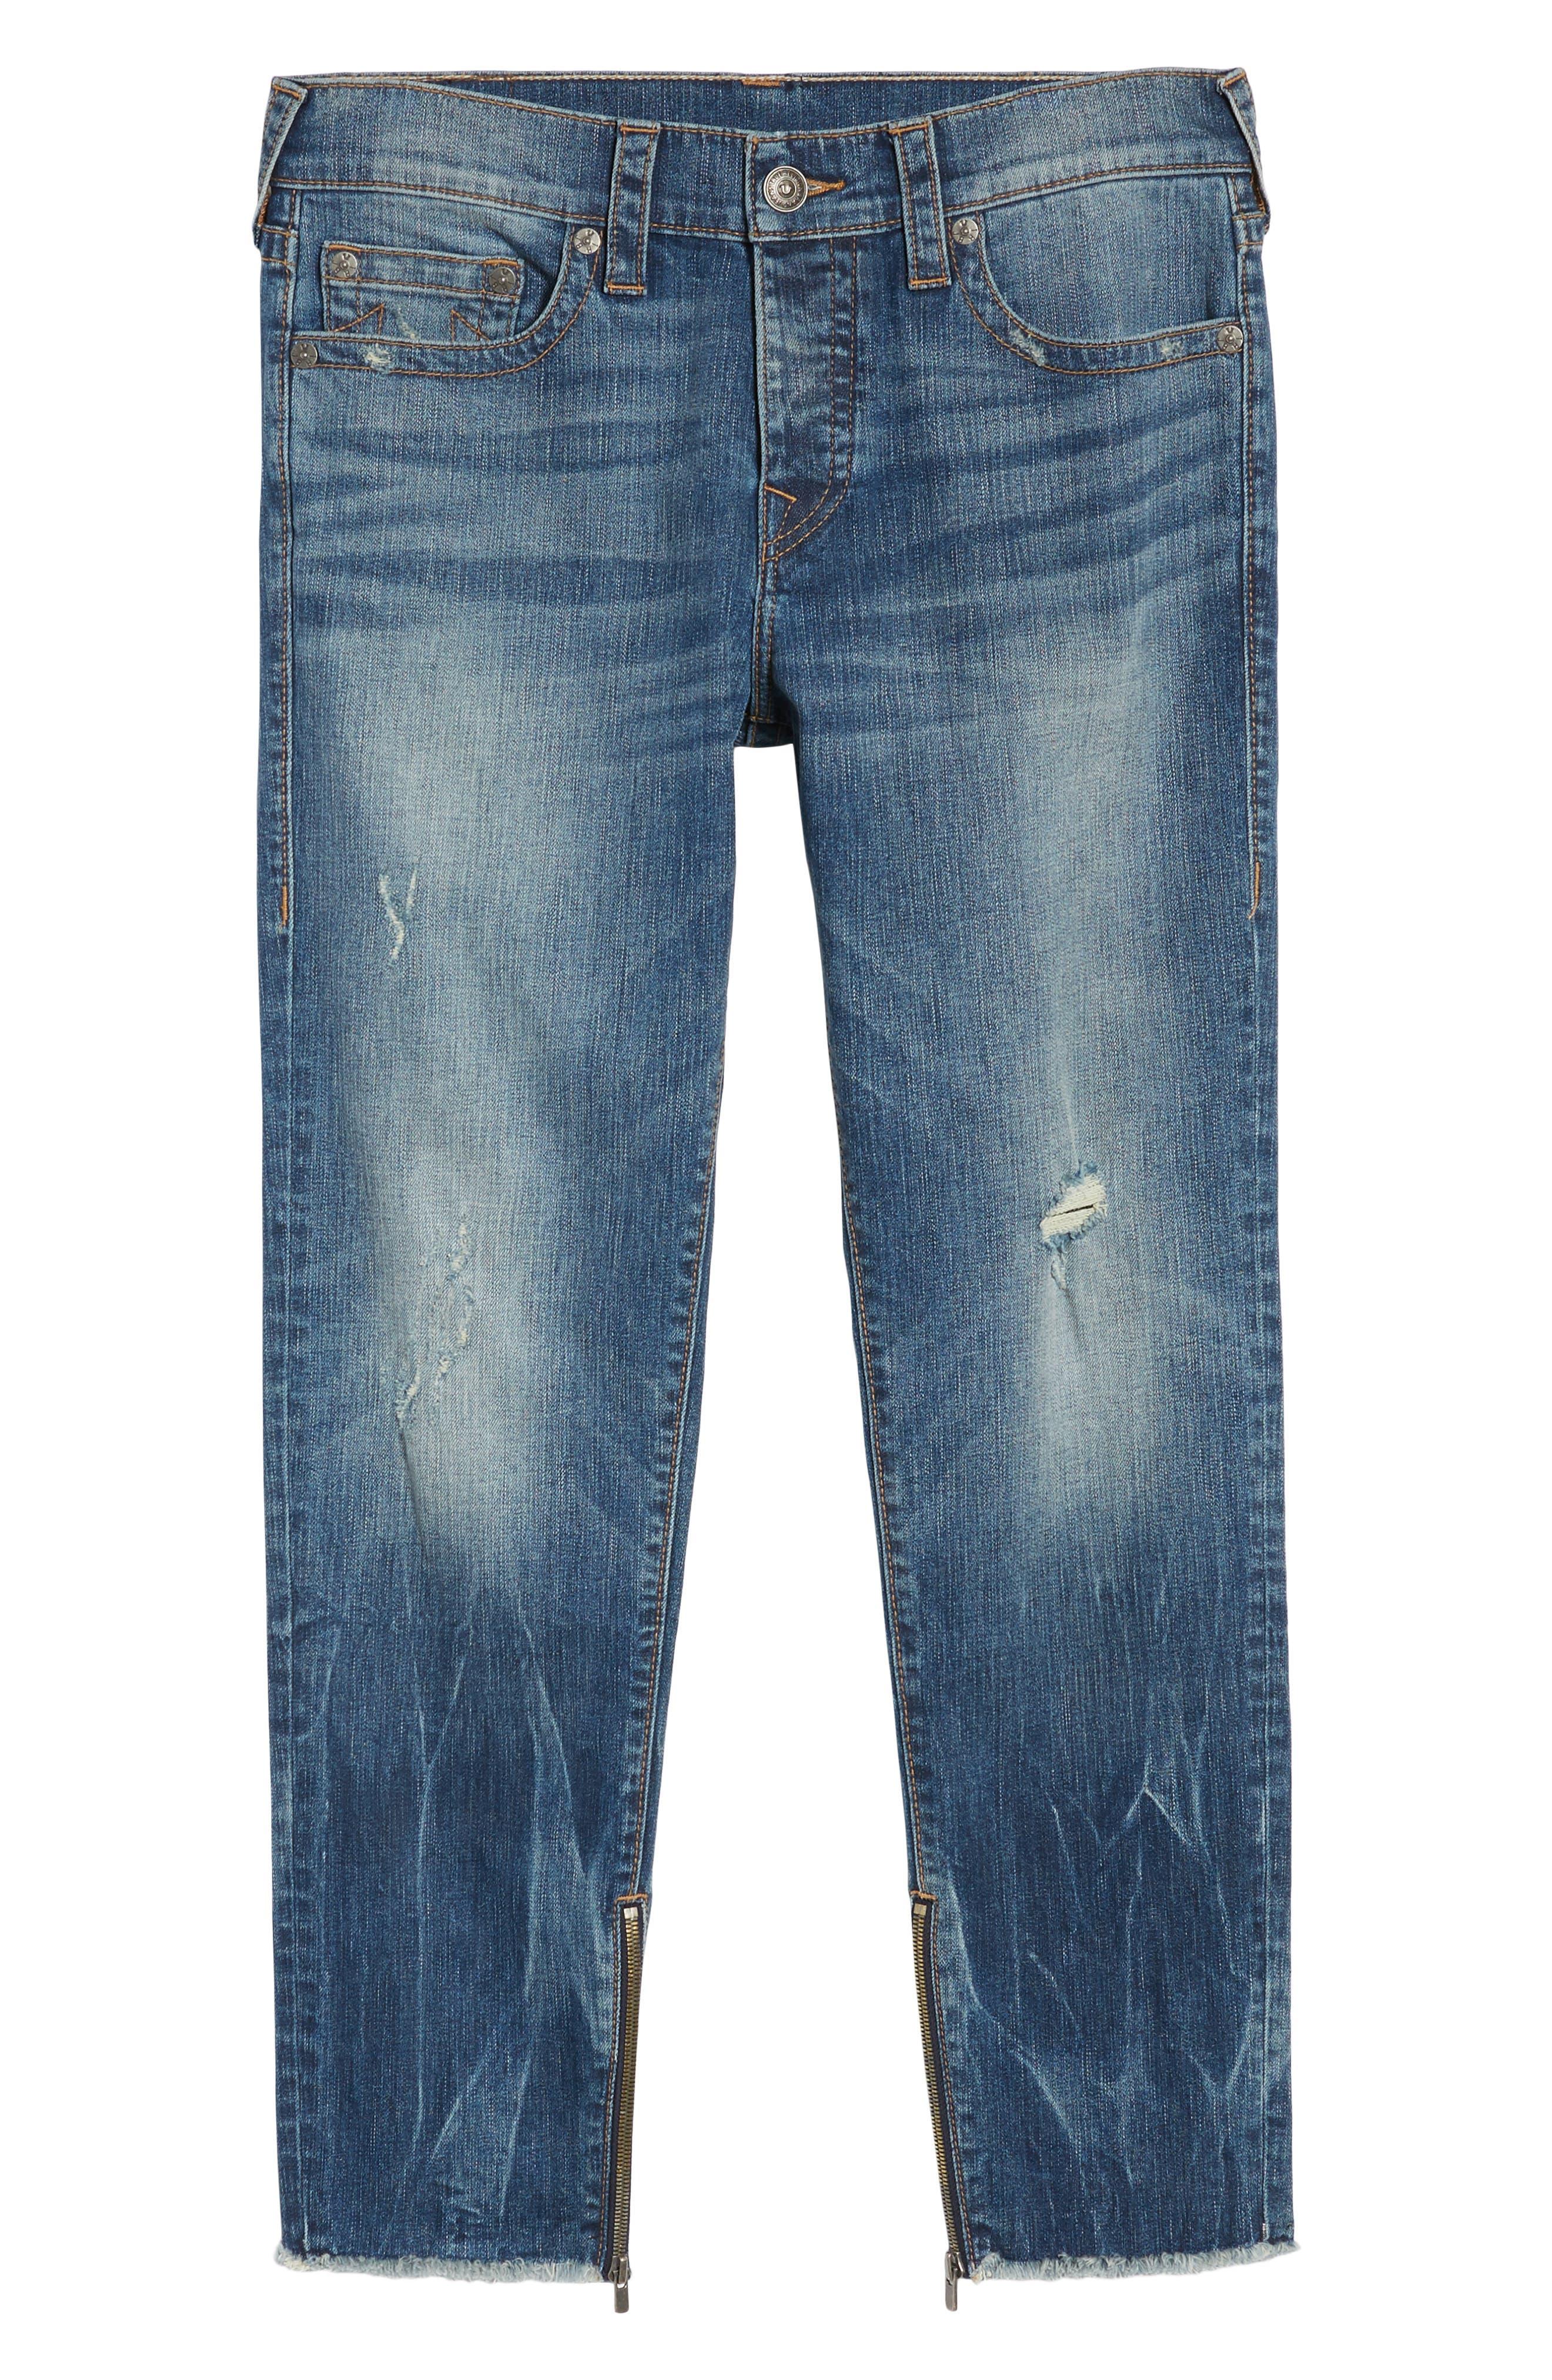 Finn Frayed Skinny Fit Jeans,                             Alternate thumbnail 6, color,                             Envy